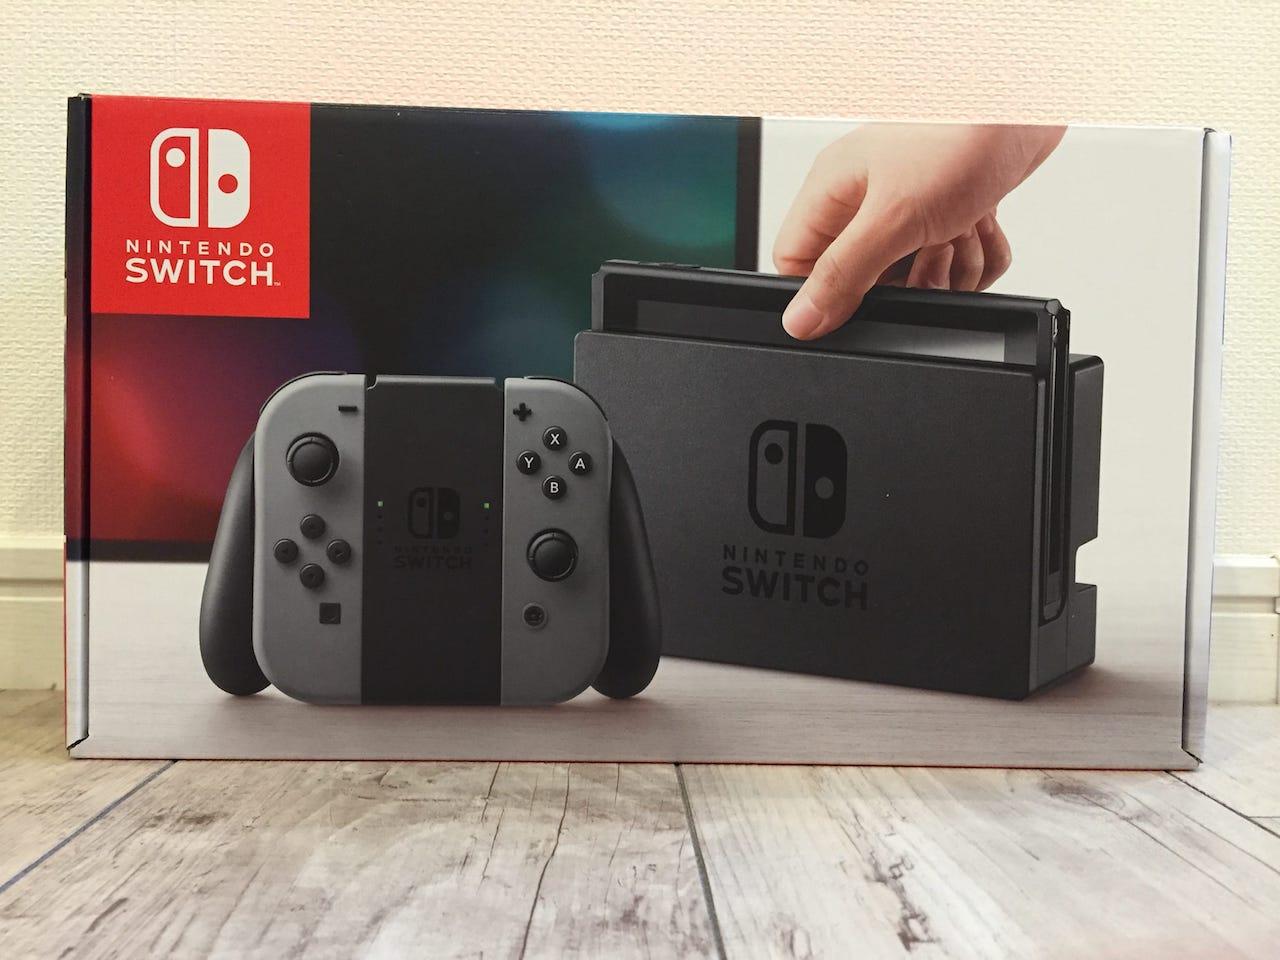 遂に購入できました!任天堂Switchのレビューと感想